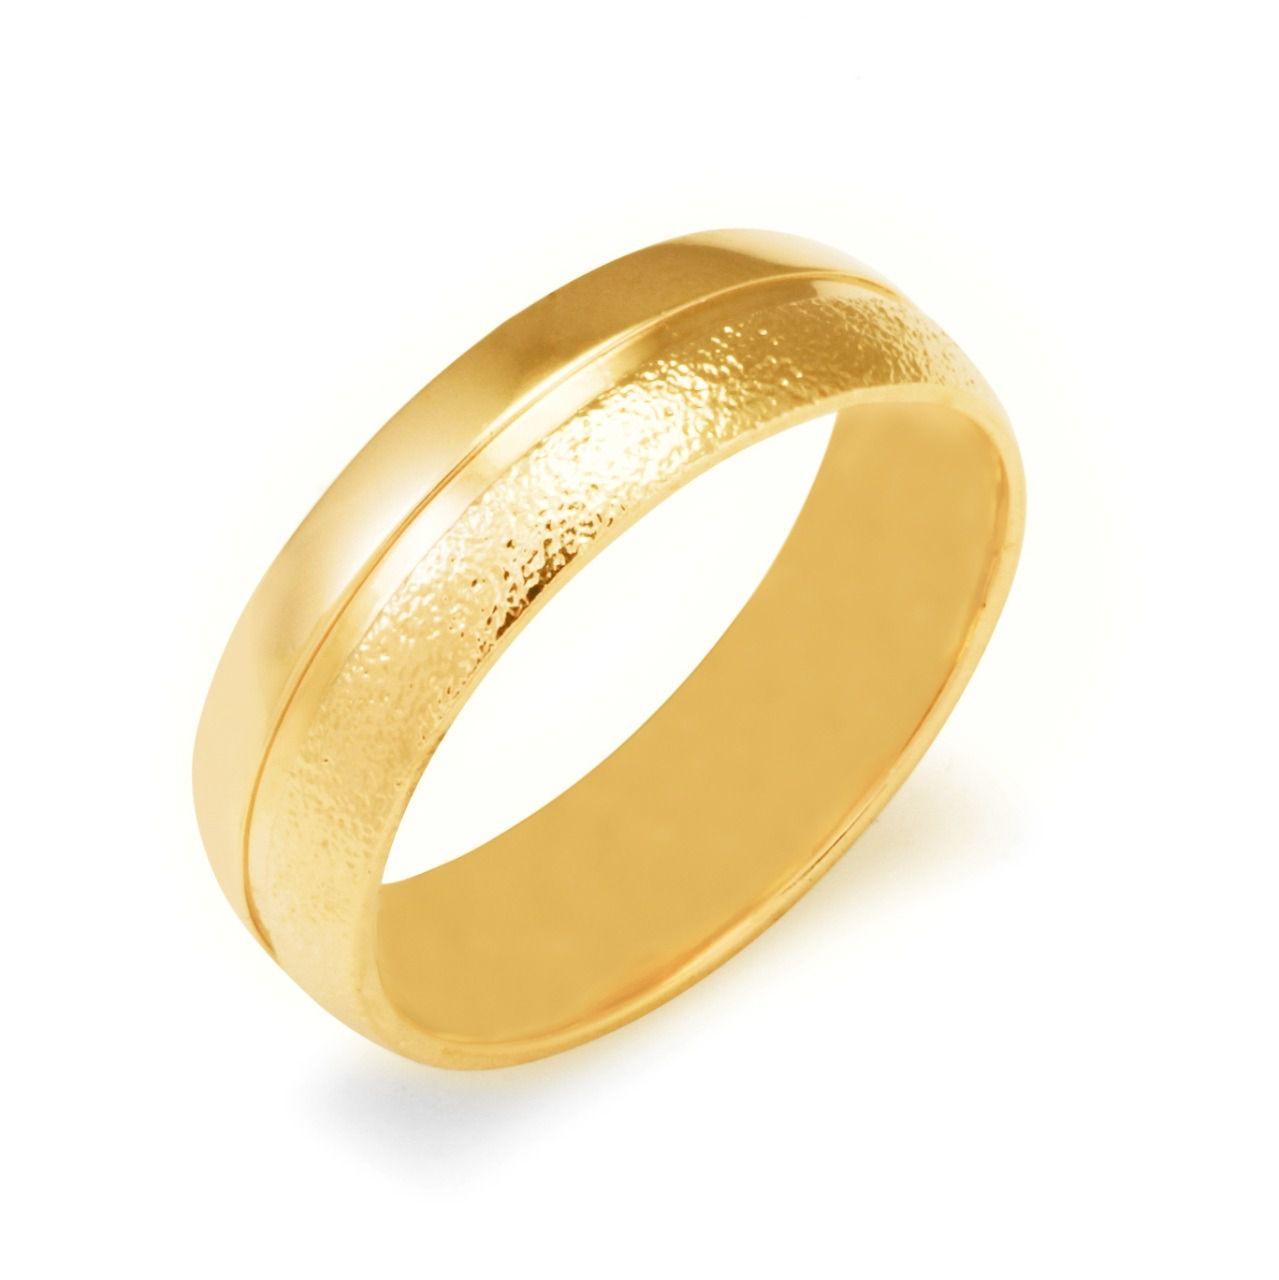 Aliança de Prata com banho de Ouro, Abaulada com Friso Central, 1 faixa Jateada